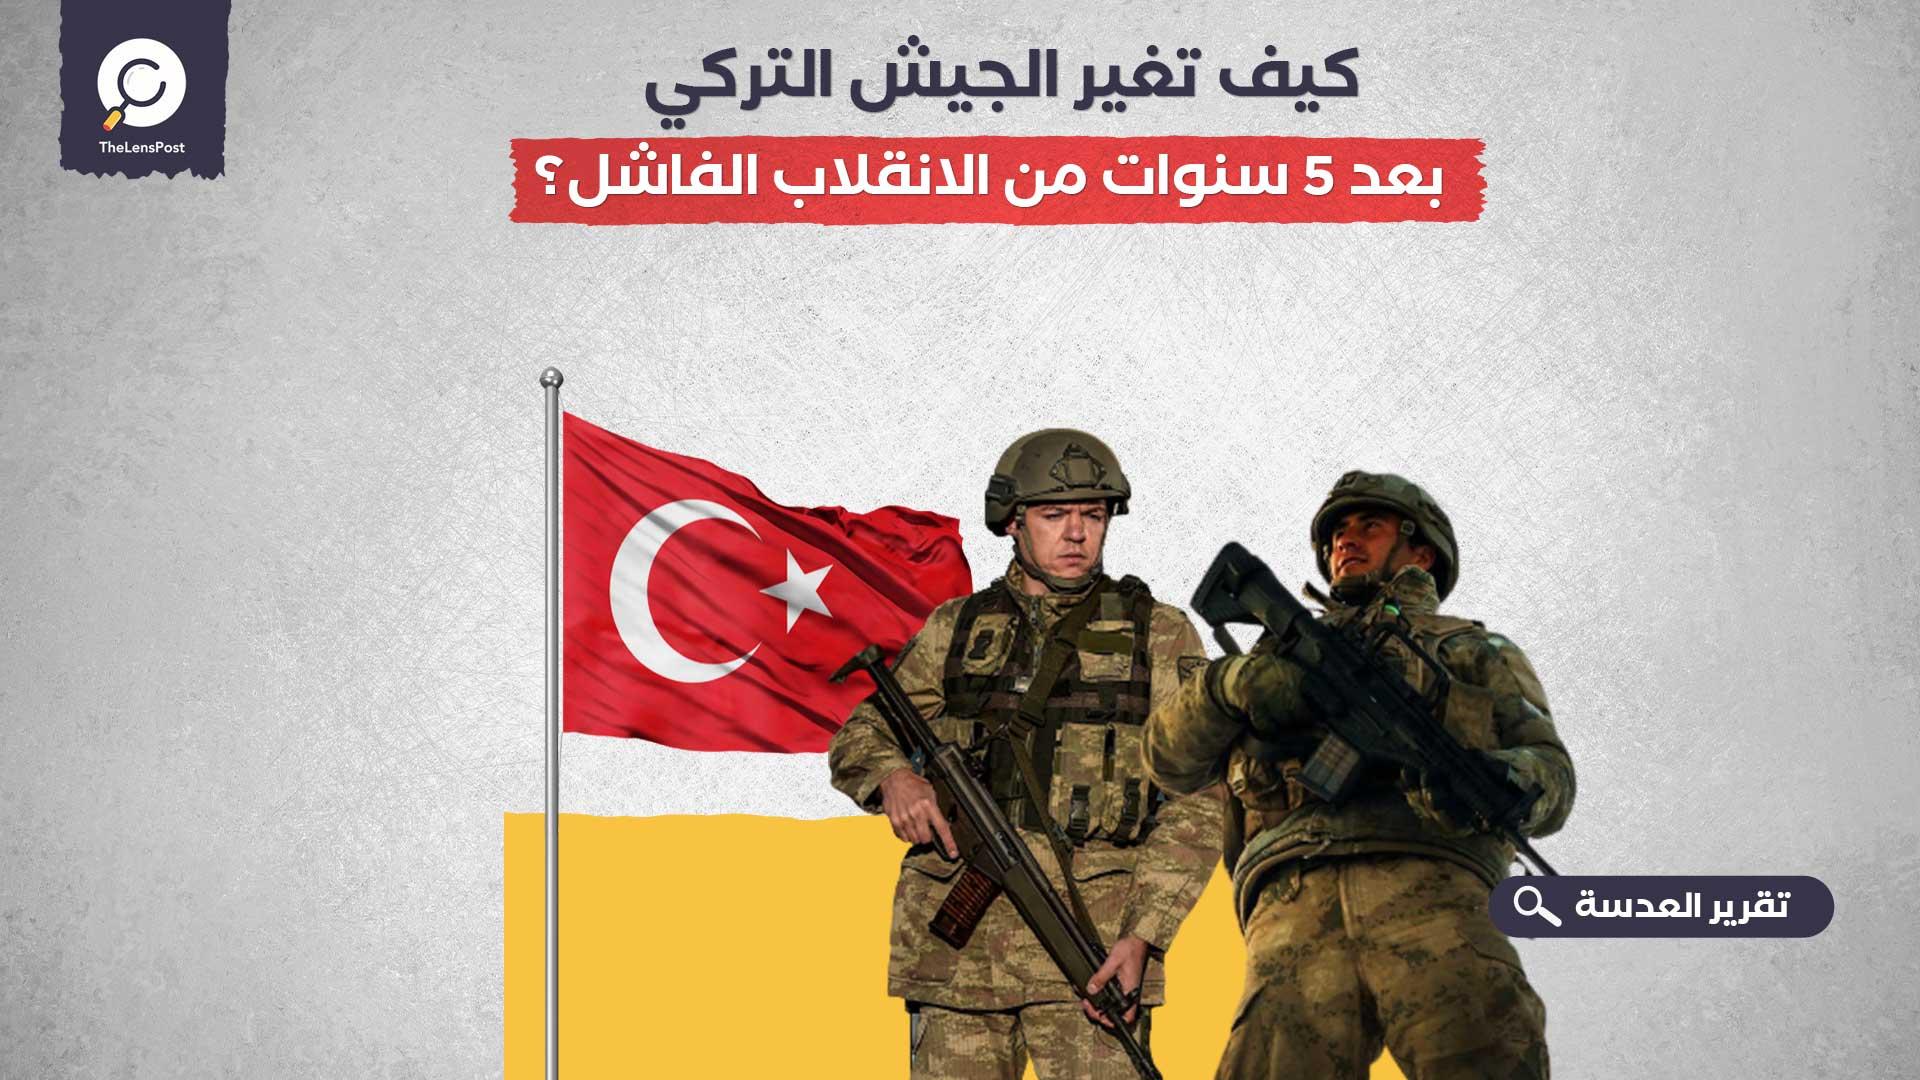 """تأتي الذكرى الخامسة للمحاولة الانقلابية الفاشلة في تركيا، في وضع يعده كثيرون أفضل كثيرًا لتركيا إذا ما قورن بفترة ما قبل الانقلاب، فقد ساهم الانقلاب الفاشل في إعادة ترتيب الأولويات التركية وهيكلة مؤسسات الدولة، وتطهيرها من أذناب الانقلابيين. وقد تغلب الشعب التركي وقيادته المنتخبة في 15 يوليو/ تموز عام 2016 على شرذمة من الانقلابيين الخارجين عليه، وعلى الرغم من سقوط مئات القتلى والجرحى في الانقلاب الخامس الذي شهدته تركيا على مدار تاريخها، فإن الأتراك سطروا ملحمة أسطورية في التصدي لدبابات العسكر، وتلقين الجنرالات درسًا قاسيًا في احترام الديمقراطية. لكن ما تبع الانقلاب كان مهمًا لضمانة عدم رجوع الانقلابيين مرة أخرى لمحاولة الإطاحة بالحكومة المنتخبة. ولذلك اتخذ الرئيس التركي، رجب طيب أردوغان، إجراءات استثنائية في هذا الوضع الاستثنائي لشل حركة جماعة الخدمة، التي يقودها فتح الله جولن، والتي تقف خلف المحاولة الانقلابية الفاشلة. هيكلة الجيش التركي ففيما يخص الجيش، الذي يعد أحد أهم وأخطر مؤسسات الدول بشكل عام، كشف وزير الدفاع التركي، خلوصي أكار، أنه قد أقيل أكثر من 20 ألفًا من منتسبي القوات المسلحة التركية، معظمهم من الضباط والرتب العليا، من بعد الانقلاب الفاشل. وكذلك، كشف وزير الداخلية التركي، والذي يعد الرجل الثاني في حزب العدالة والتنمية الحاكم بعد الرئيس أردوغان، أن العمليات الأمنية المنفذة ضد جماعة """"الخدمة"""" المحظورة أفضت إلى اعتقال 312 ألفًا و121 شخصًا. علاوة على ذلك، تم إلغاء المقعدين المخصصين للجيش في المحكمة الدستورية التي كانت تضم 17 مقعدًا، كما تقرر إلغاء القانون العسكري الذي استخدمه الجيش سابقًا من أجل فرض الحكم العسكري على البلاد. هذا بالإضافة إلى وضع الجيش تحت رقابة مجلس الدولة. مزيد من الإجراءات المنظمة للجيش وكما يقولون فإن من كل محنة تولد منحة، فقد مثل الانقلاب الفاشل عام 2016 فرصة للرئيس أردوغان لتنظيم عمل الجيش، وترتيب علاقته بالسلطة المدنية المنتخبة. ولذلك يعتبر الانقلاب دافعًا أساسيًا لتنظيم العلاقات والأدوار داخل الجيش و""""مجلس الشورى العسكري الأعلى"""" وإعادة ضبطها، بحيث يتولى وزير الدفاع المسؤولية الأولى للمؤسسة العسكرية، بعد أن كان دوره تنسيقيًا دون سلطة فعليه على المؤسسة، لتصبح تبعية رئيس الأركان لوزارة الدفاع. ومباشرة بعد الانقلاب، نشرت الجريدة الرسمية ال"""